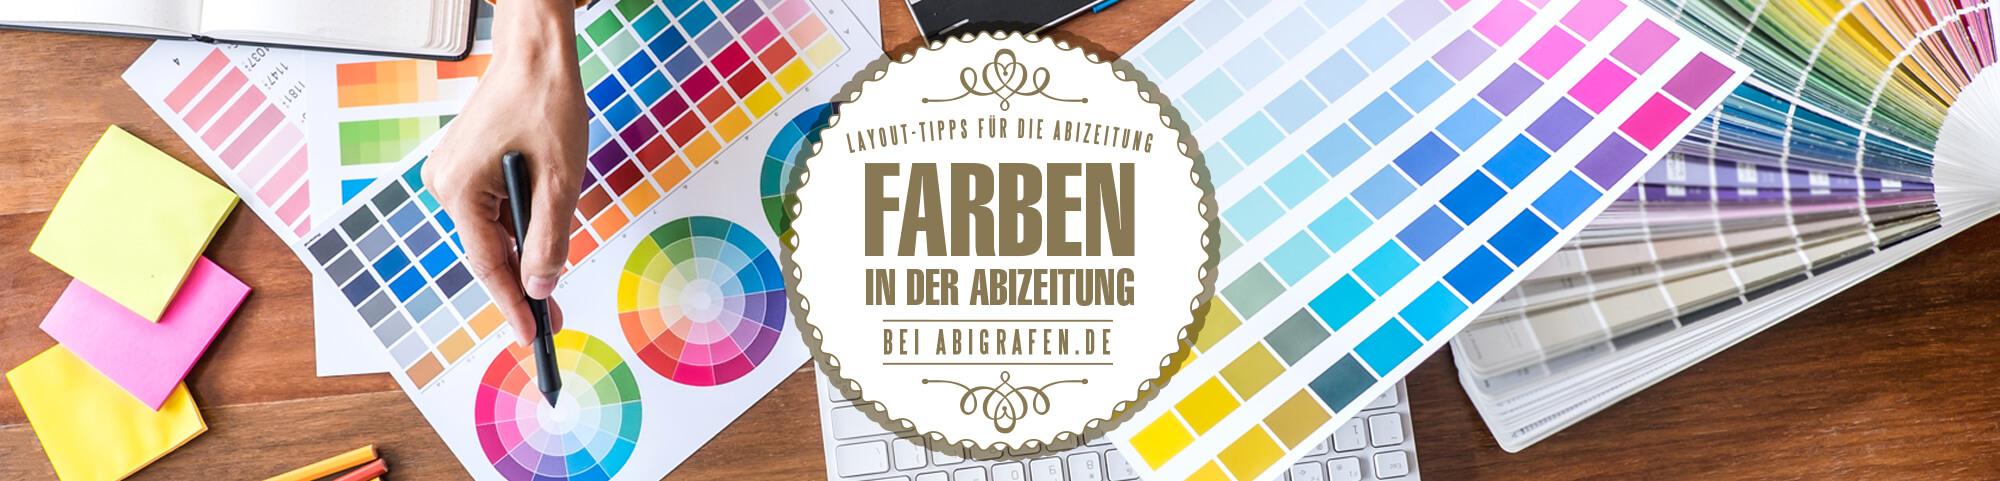 farbige Abizeitungen gestalten: Farbauswahl, Farbkontraste, Farbassoziationen, Farbharmonien